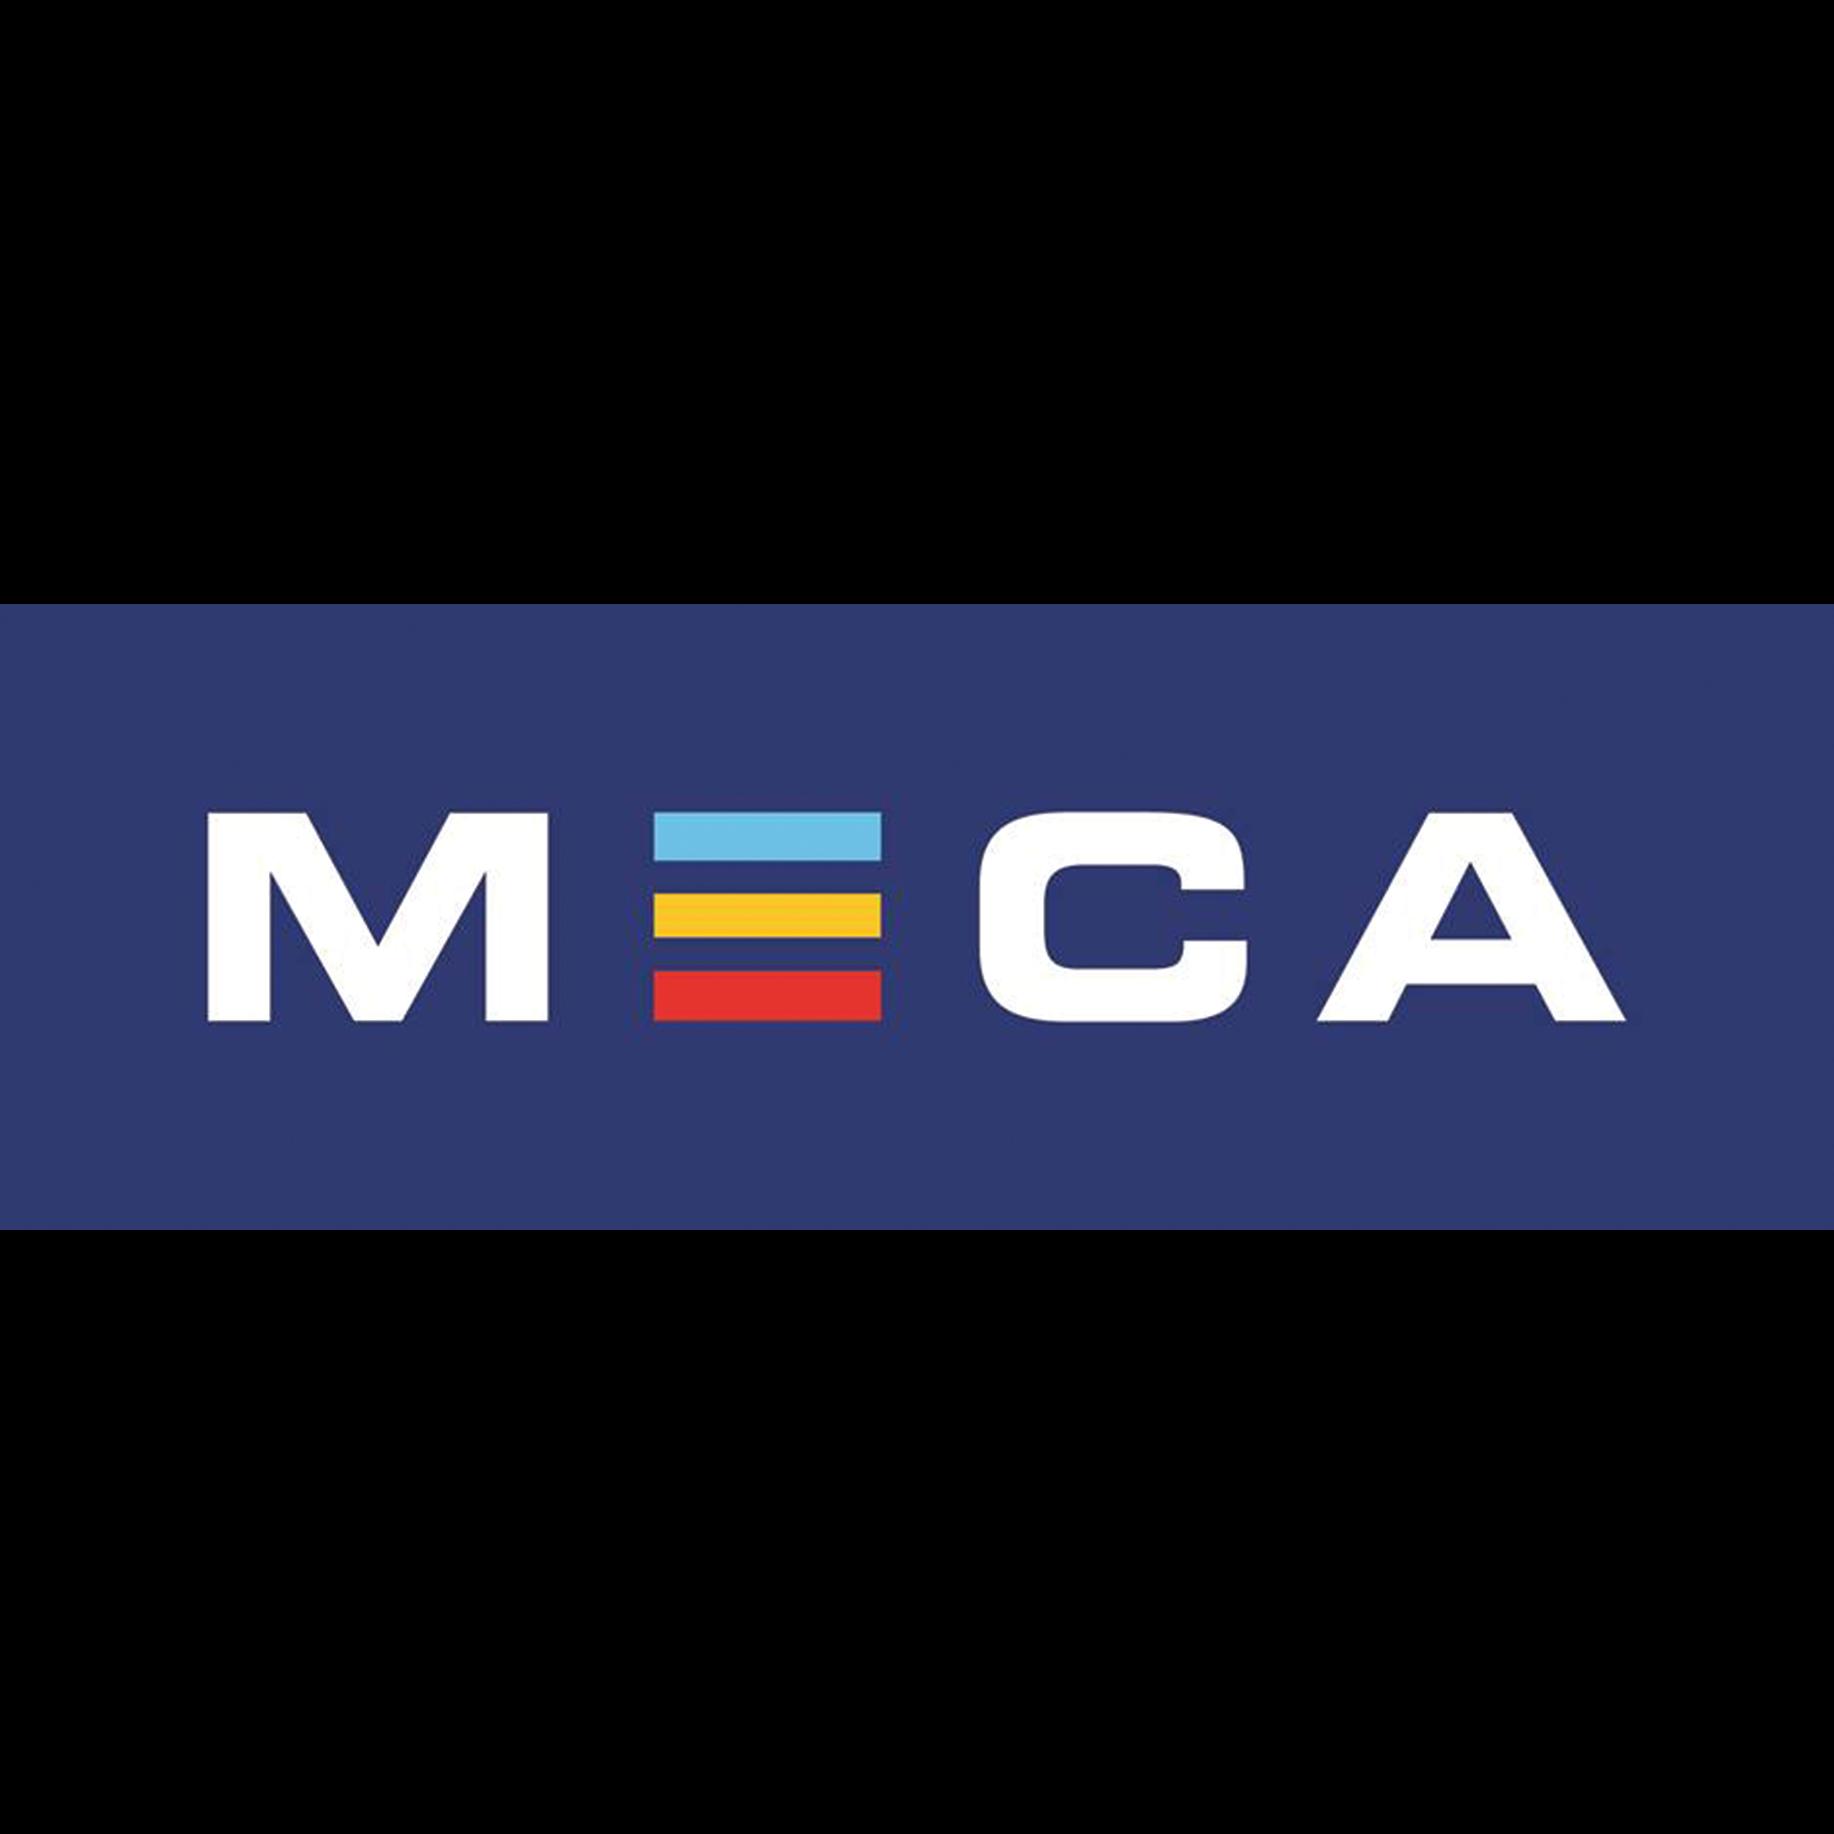 meca_nett3.png